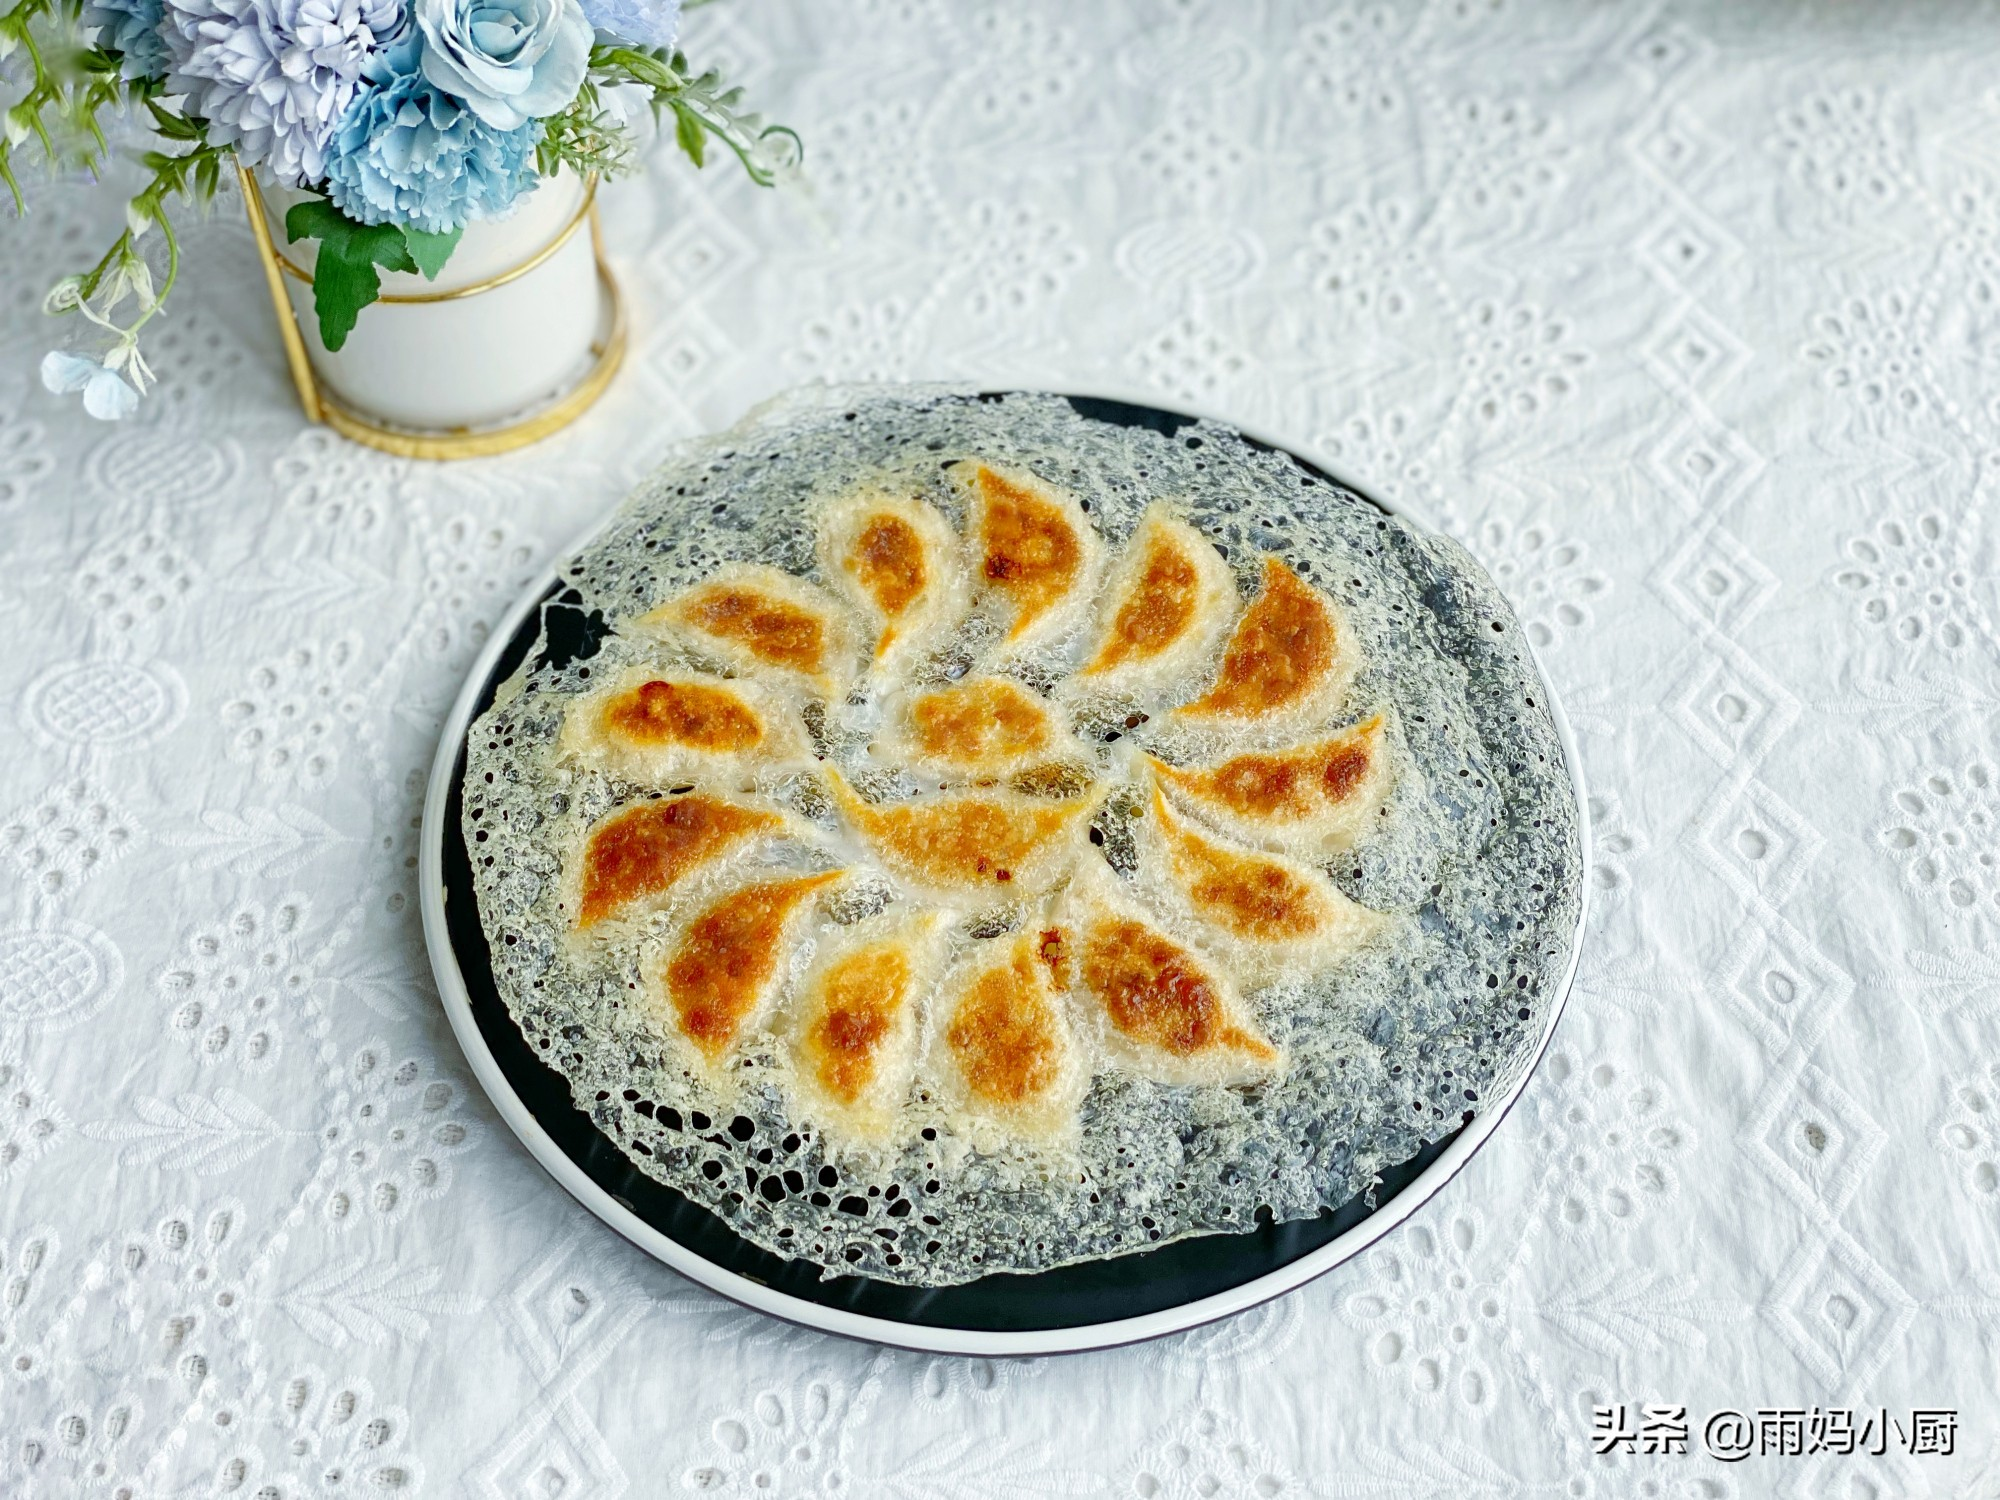 冰花煎饺用淀粉还是面粉,教你一招,做出来的冰花晶莹剔透又酥脆